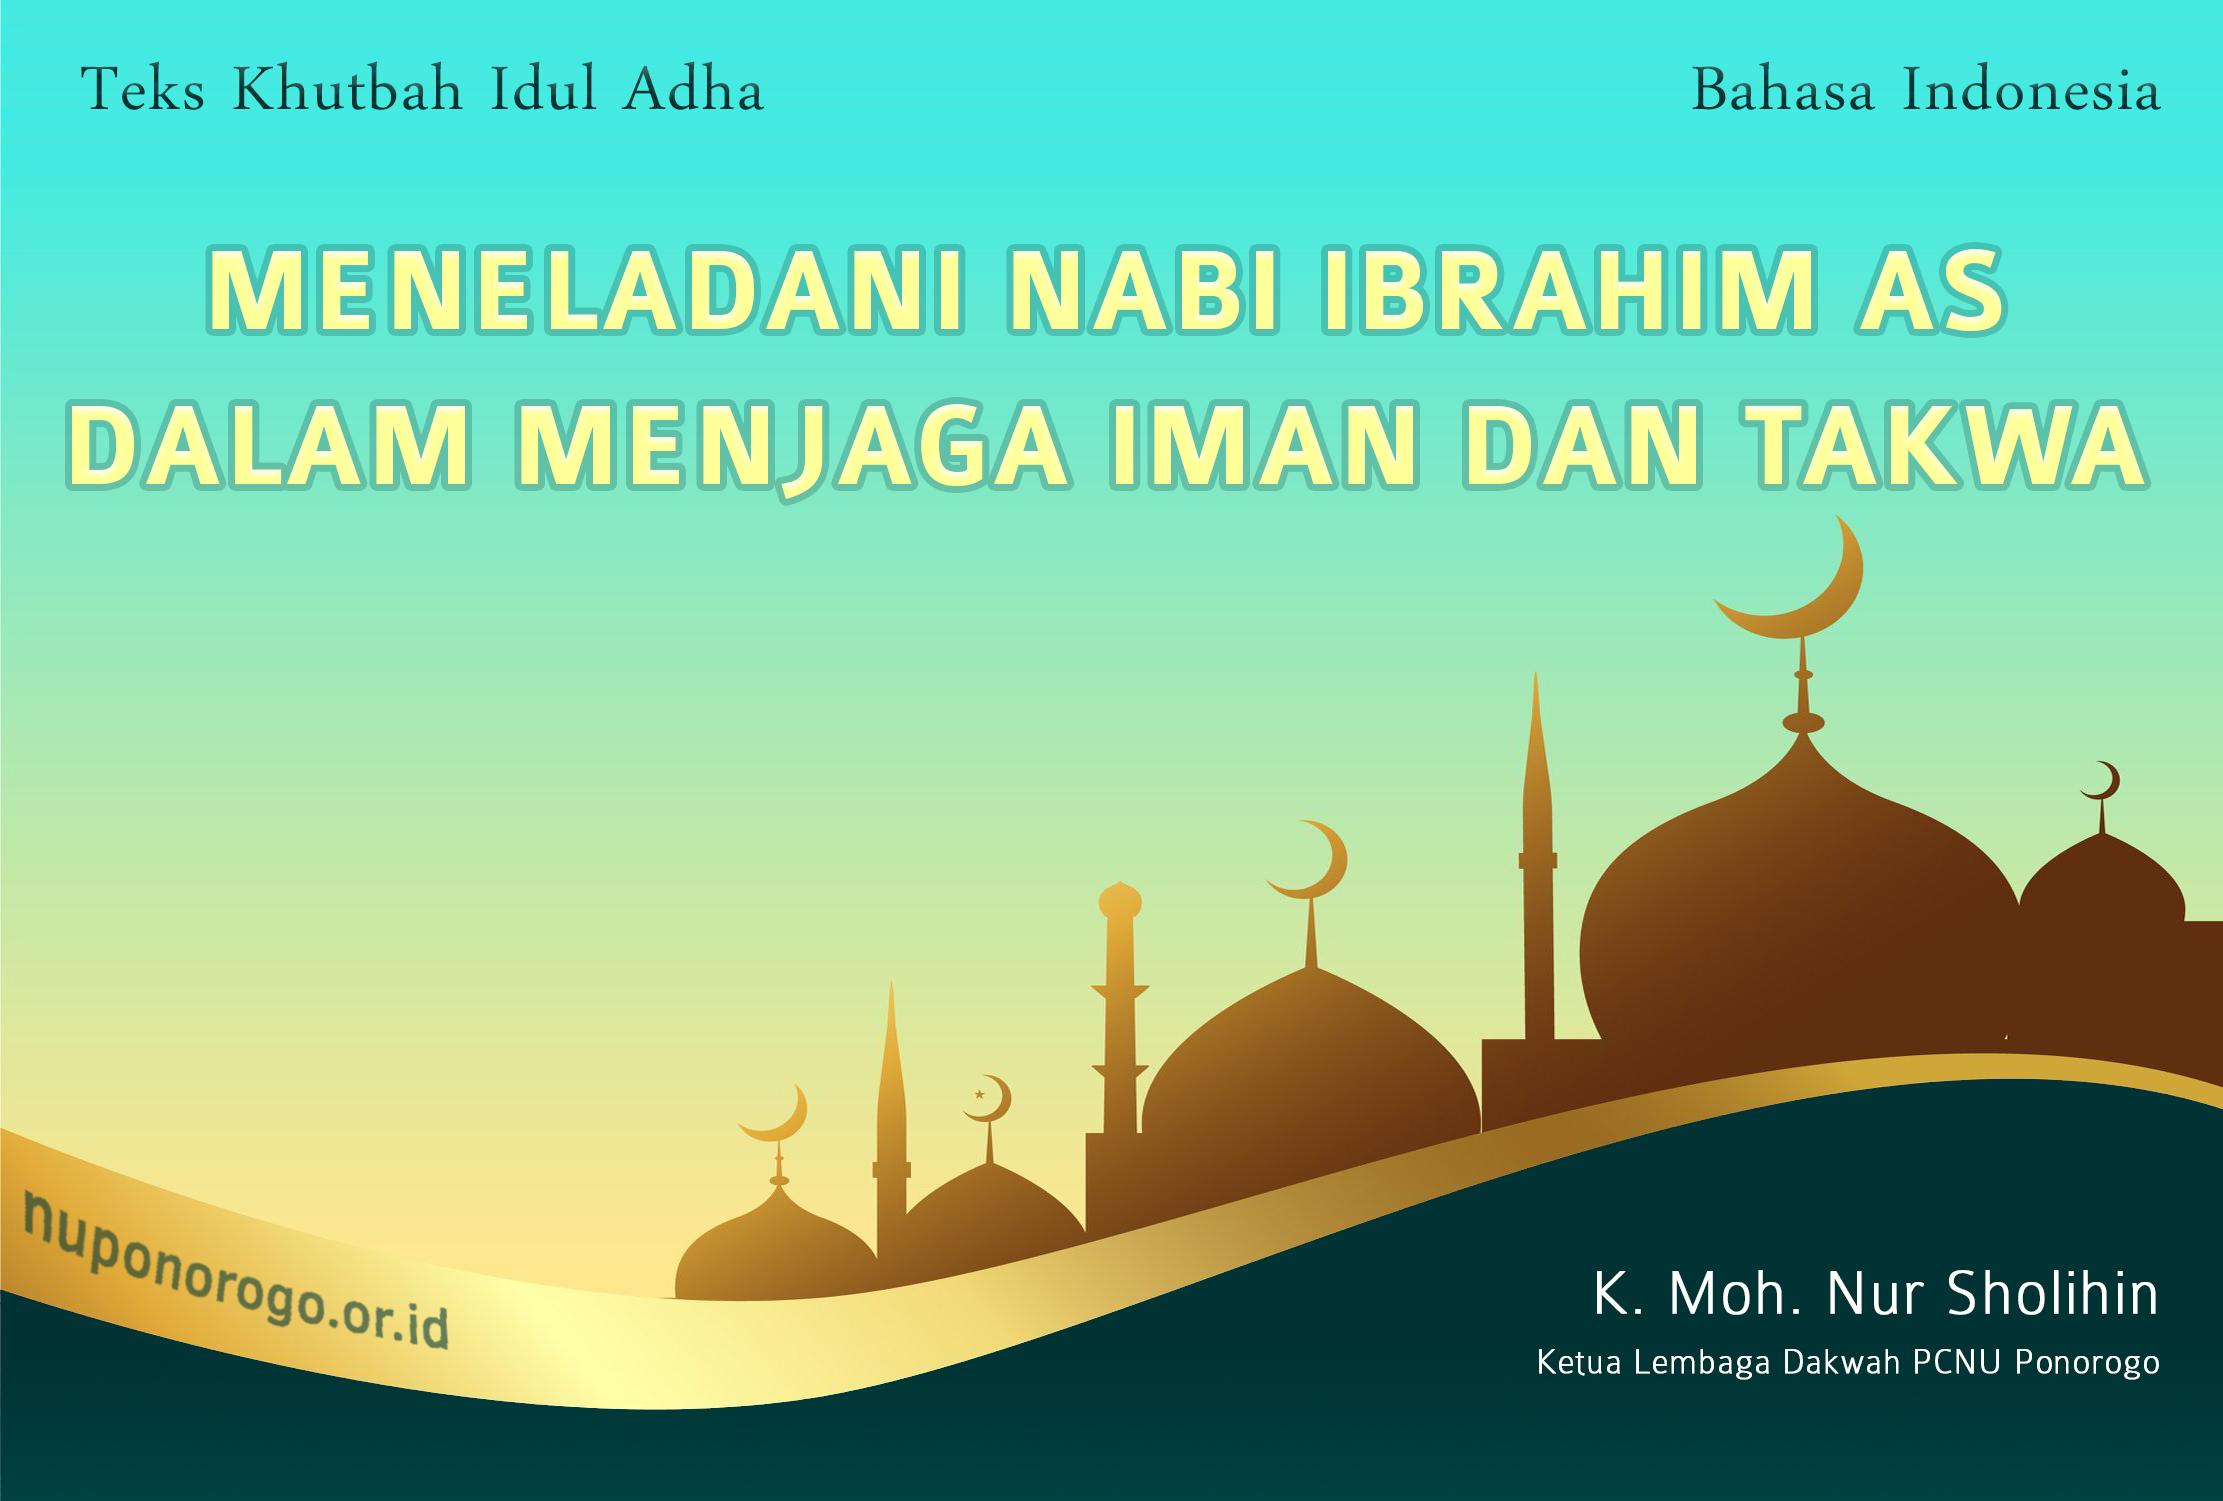 Khutbah Idul Adha 1442 H Bahasa Indonesia - Meneladani Nabi Ibrahim AS dalam Menjaga Iman dan Takwa